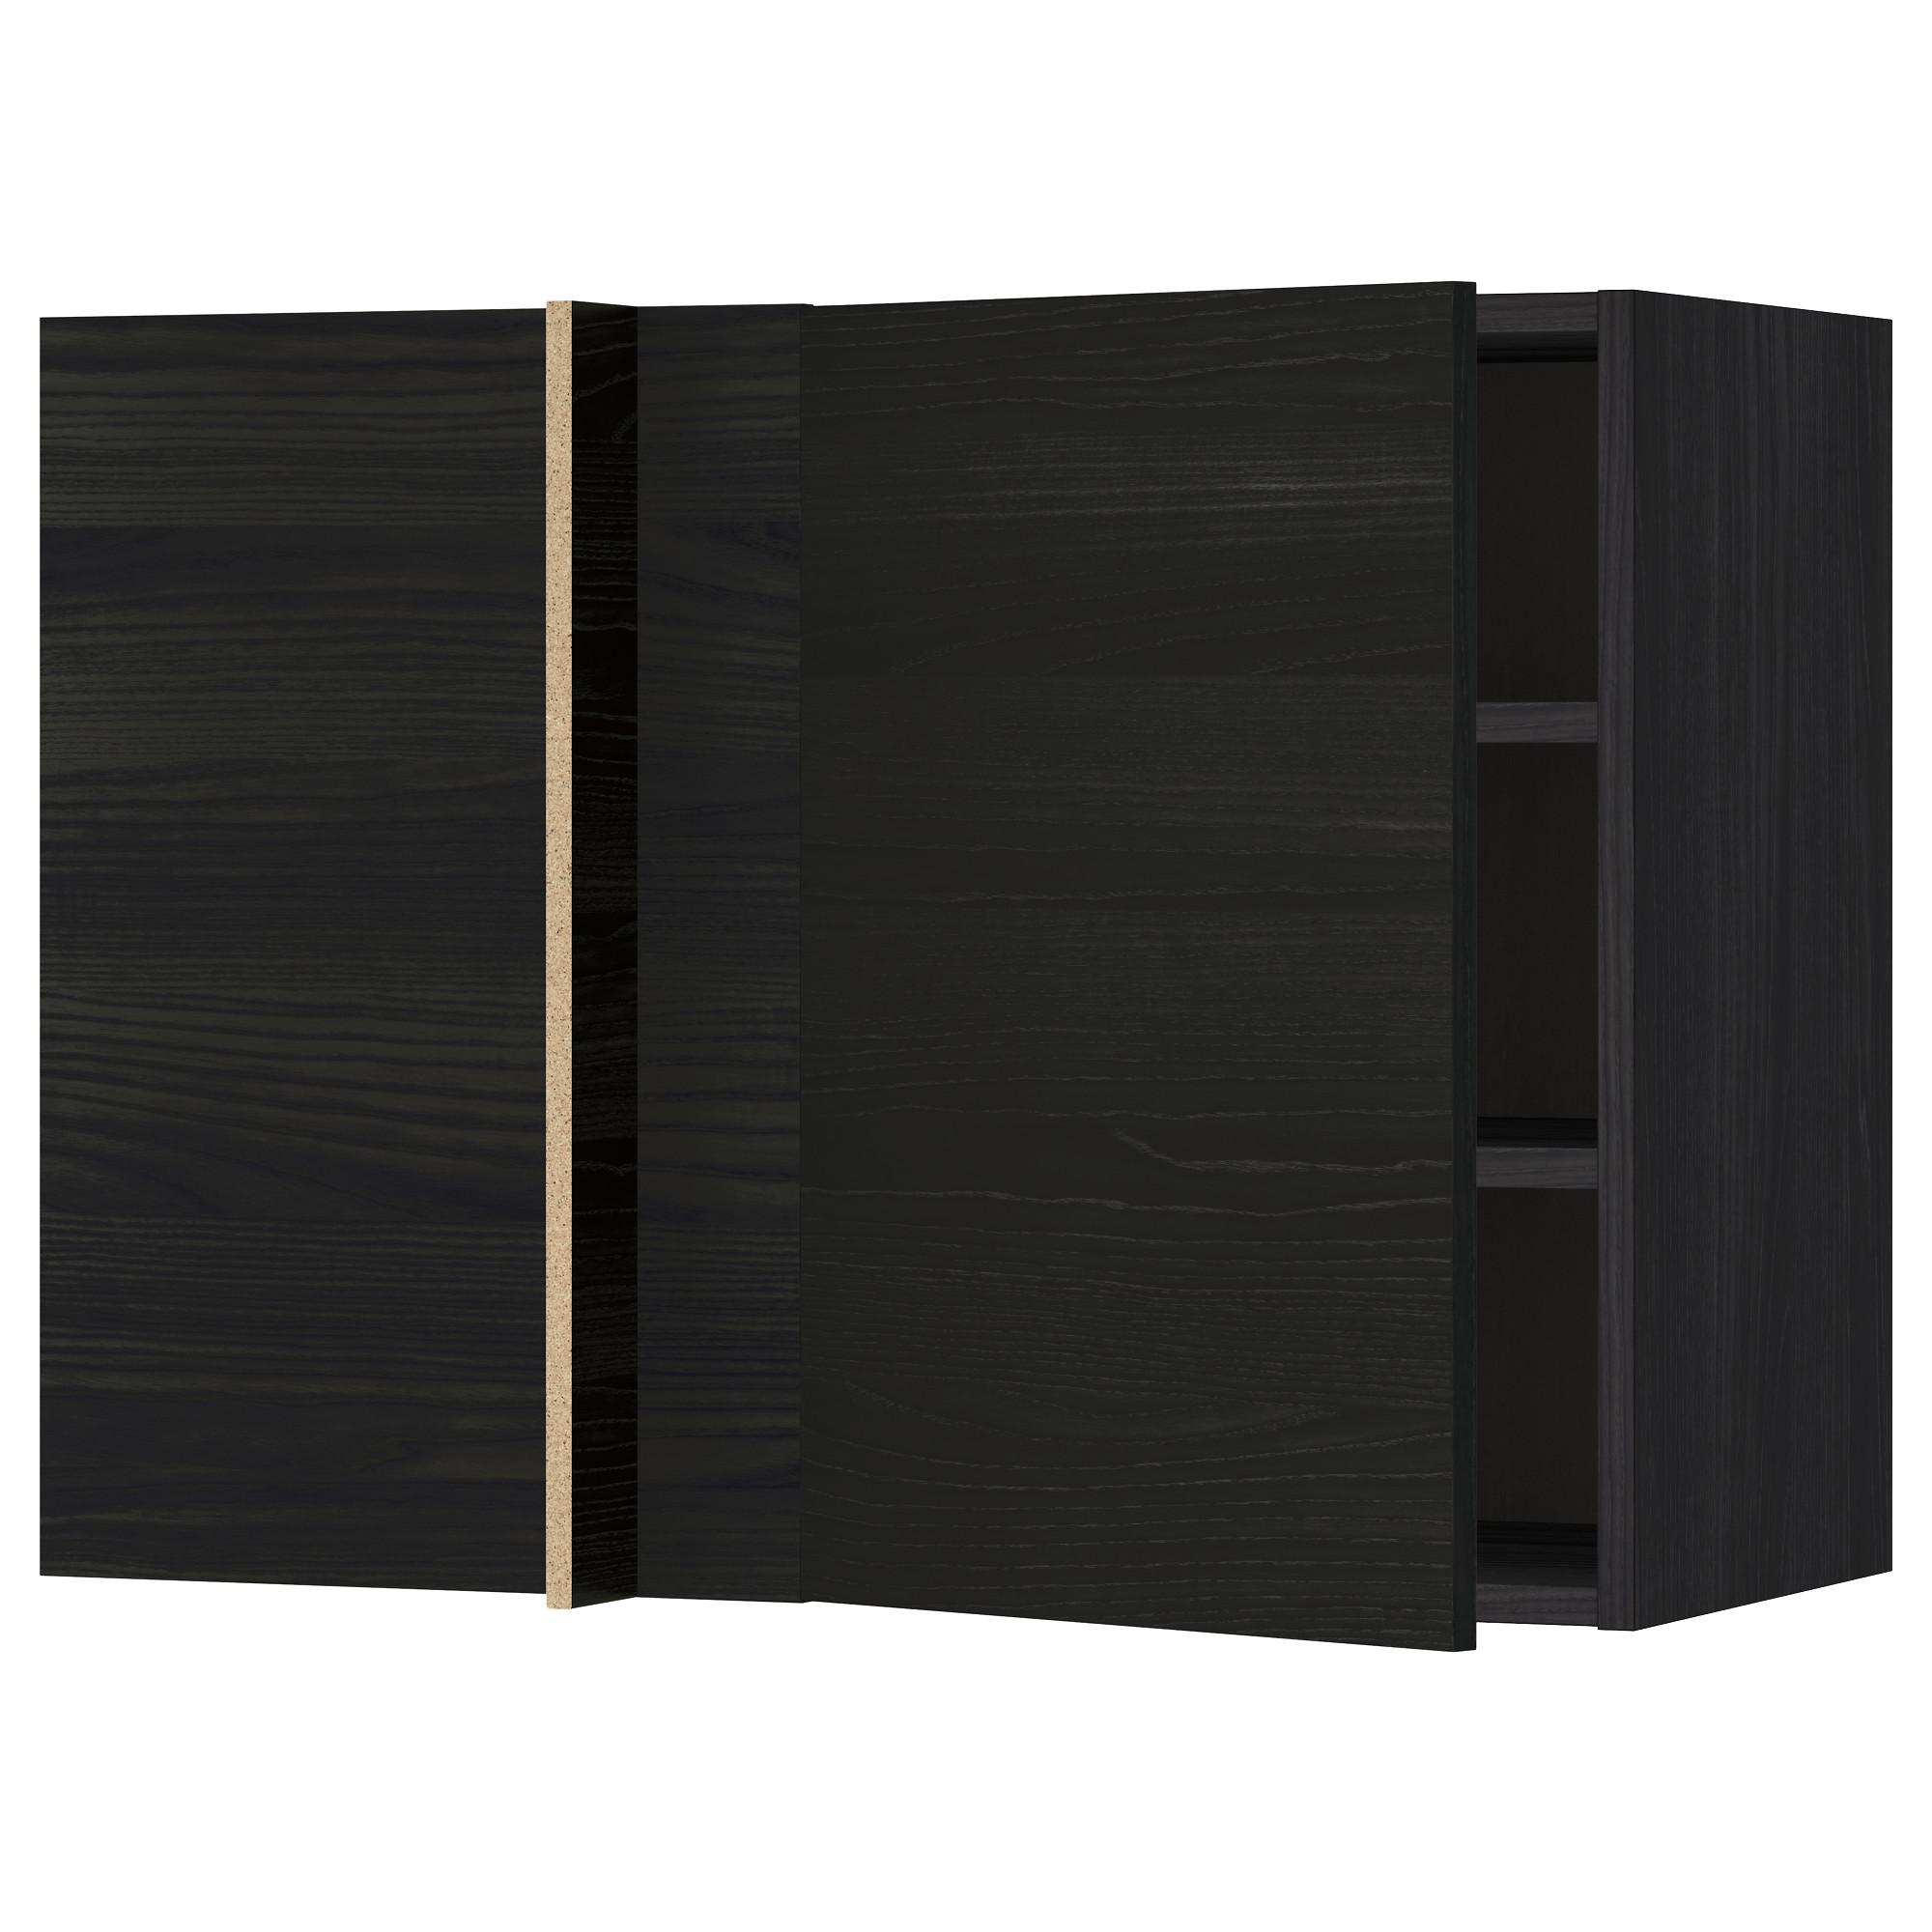 Угловой навесной шкаф с полками МЕТОД черный артикуль № 992.321.95 в наличии. Онлайн сайт IKEA Беларусь. Недорогая доставка и соборка.